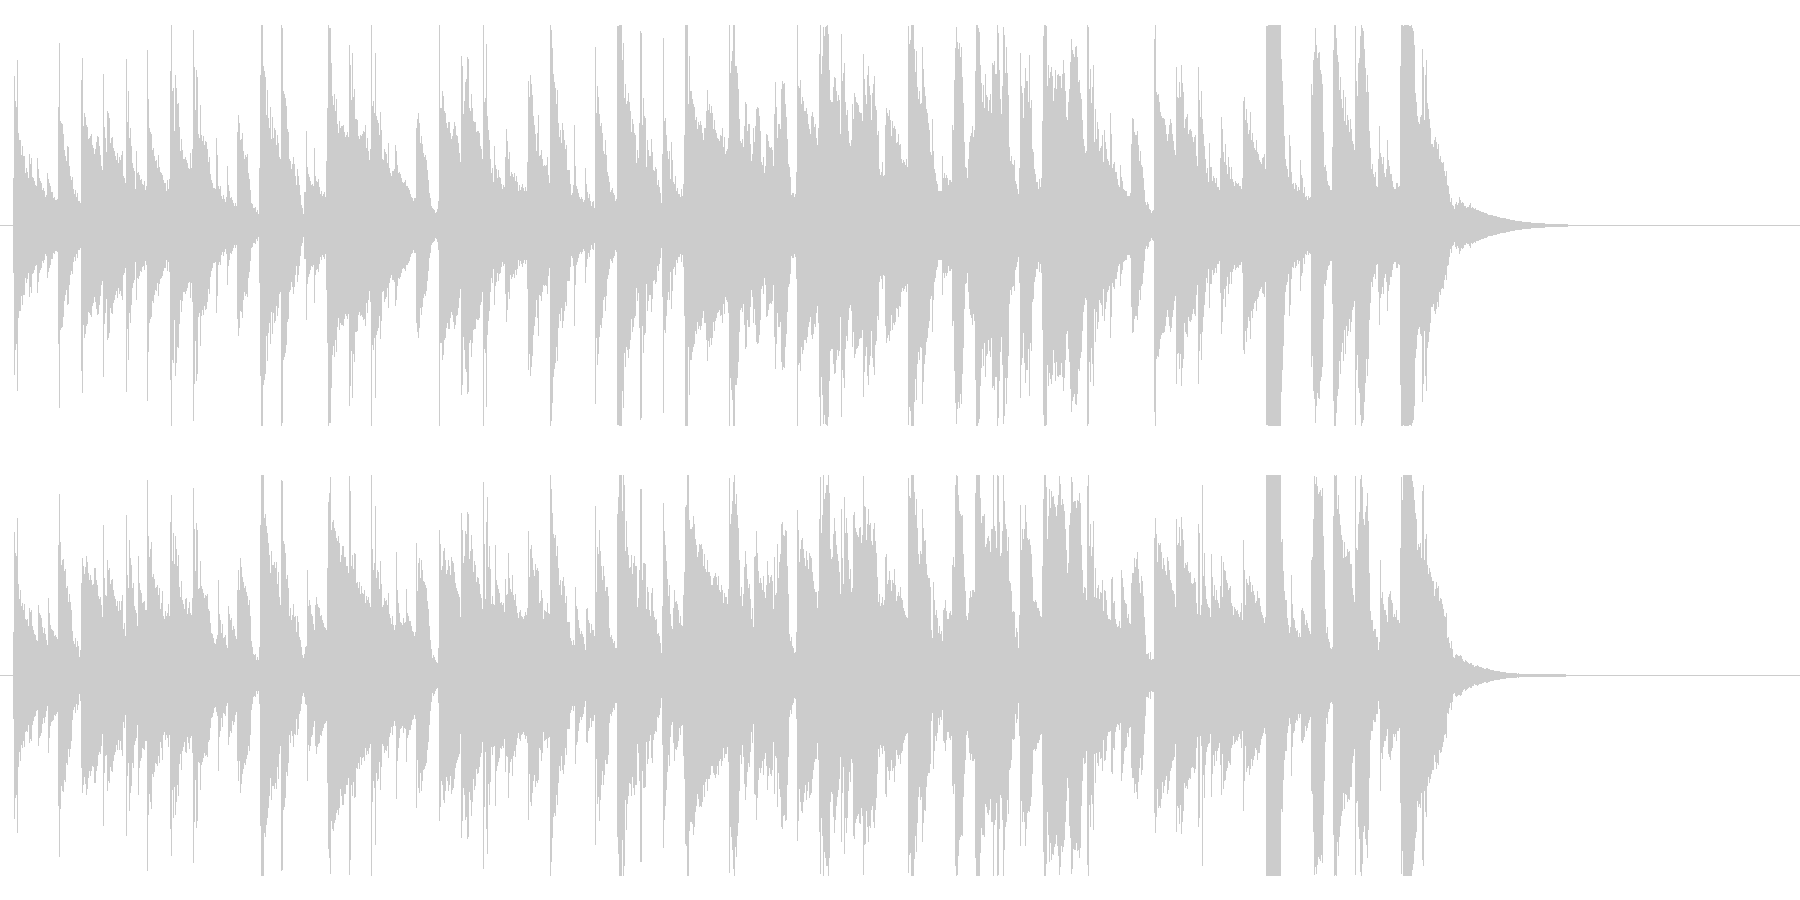 ほのぼのかわいいジングル 口笛で楽しいの未再生の波形